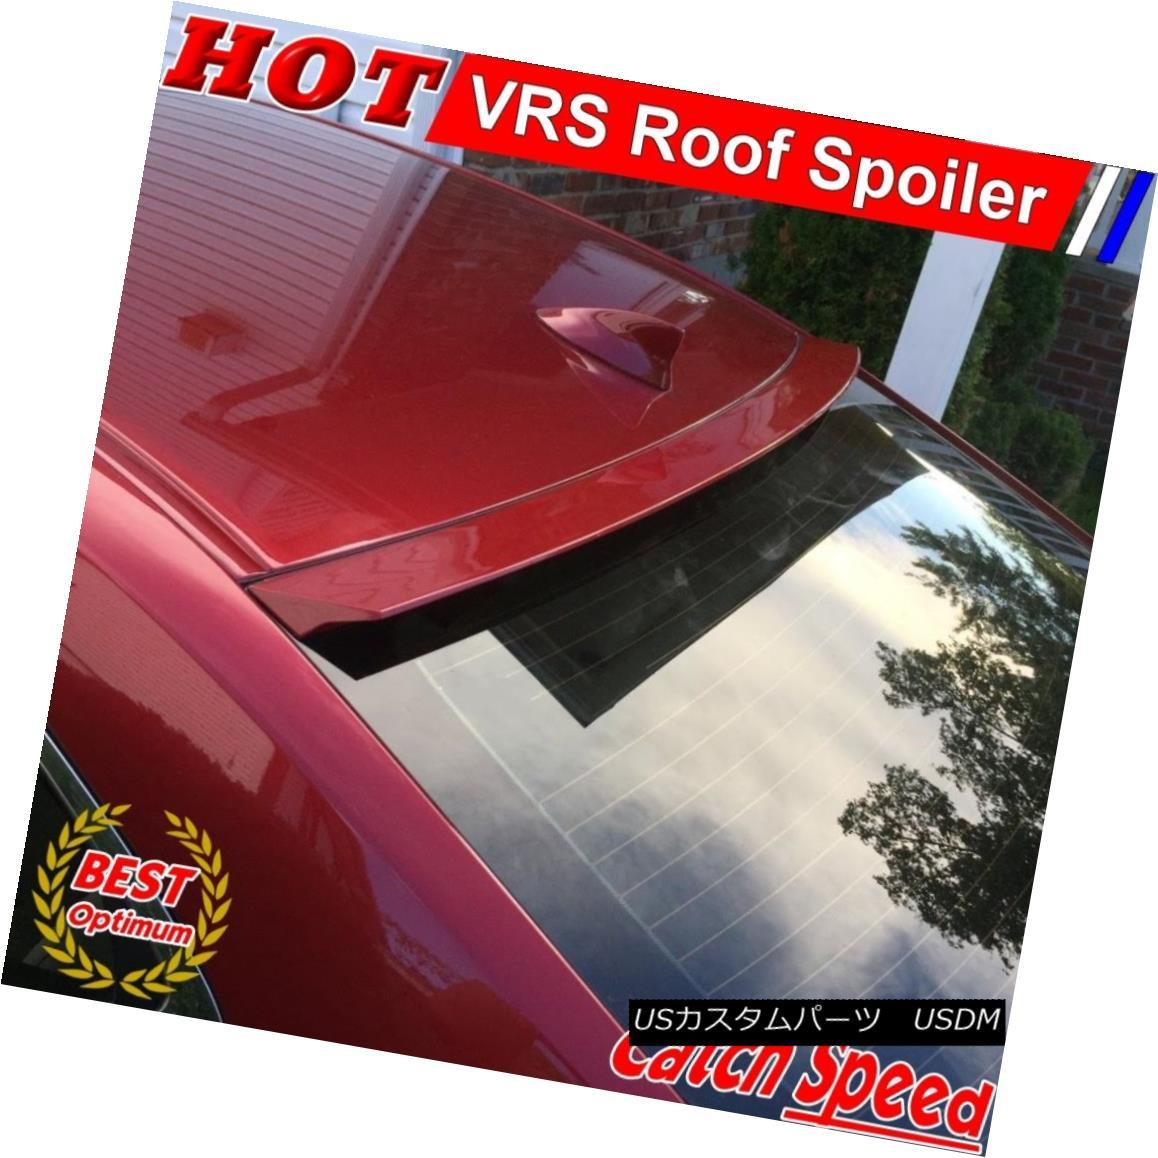 エアロパーツ Flat Black VRS Style Rear Roof Spoiler Win For Chevrolet Cavalier 1995-05 Sdean シボレーキャバリアのフラットブラックVRSスタイルリアルーフスポイラー獲得1995-05セダン